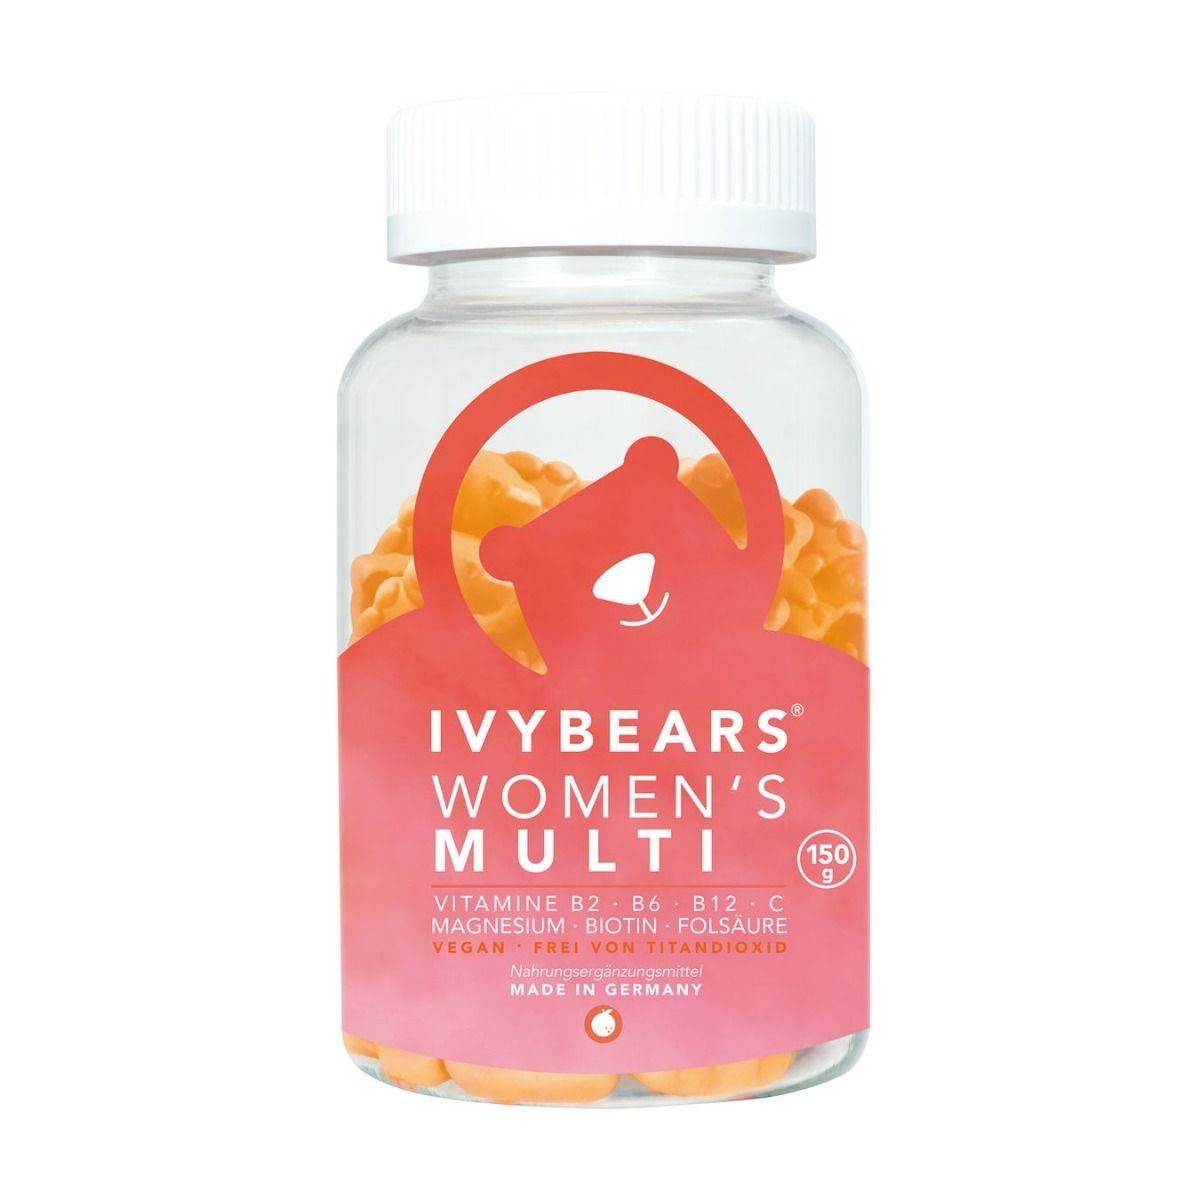 Ivybears WomenS Multi